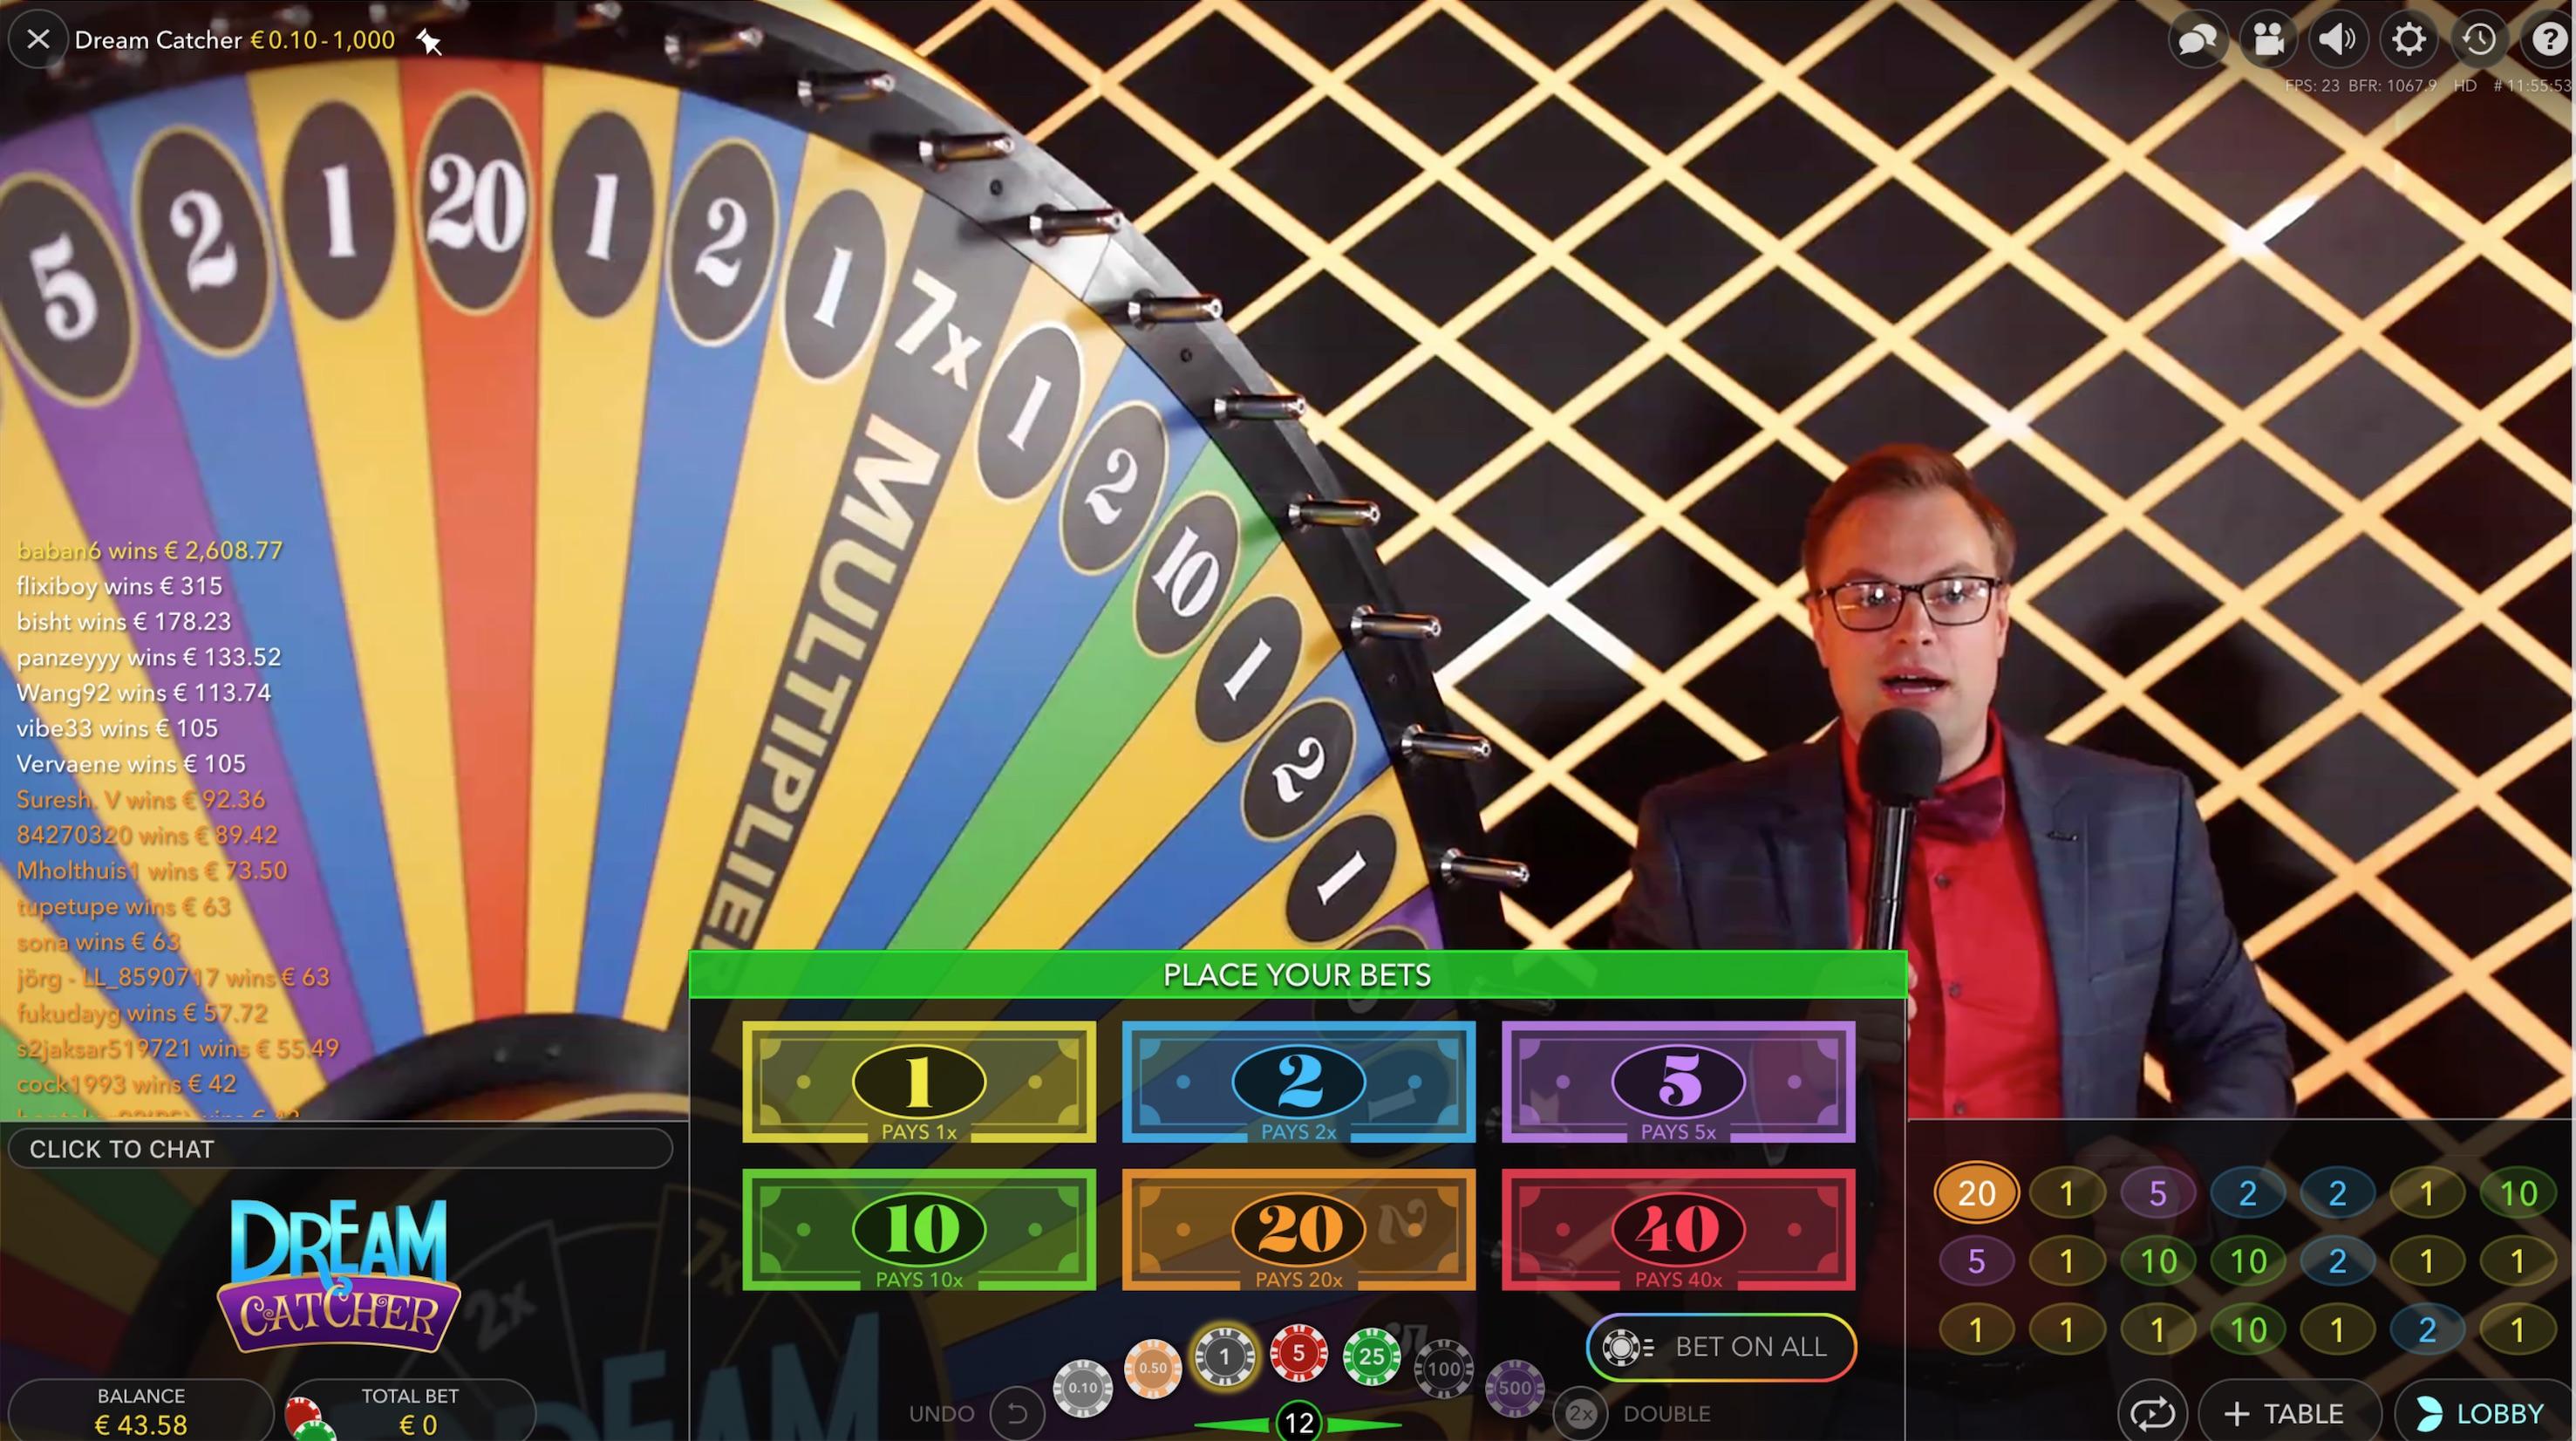 money wheel dream catcher_online-casino-spiel_gewinnstrategie